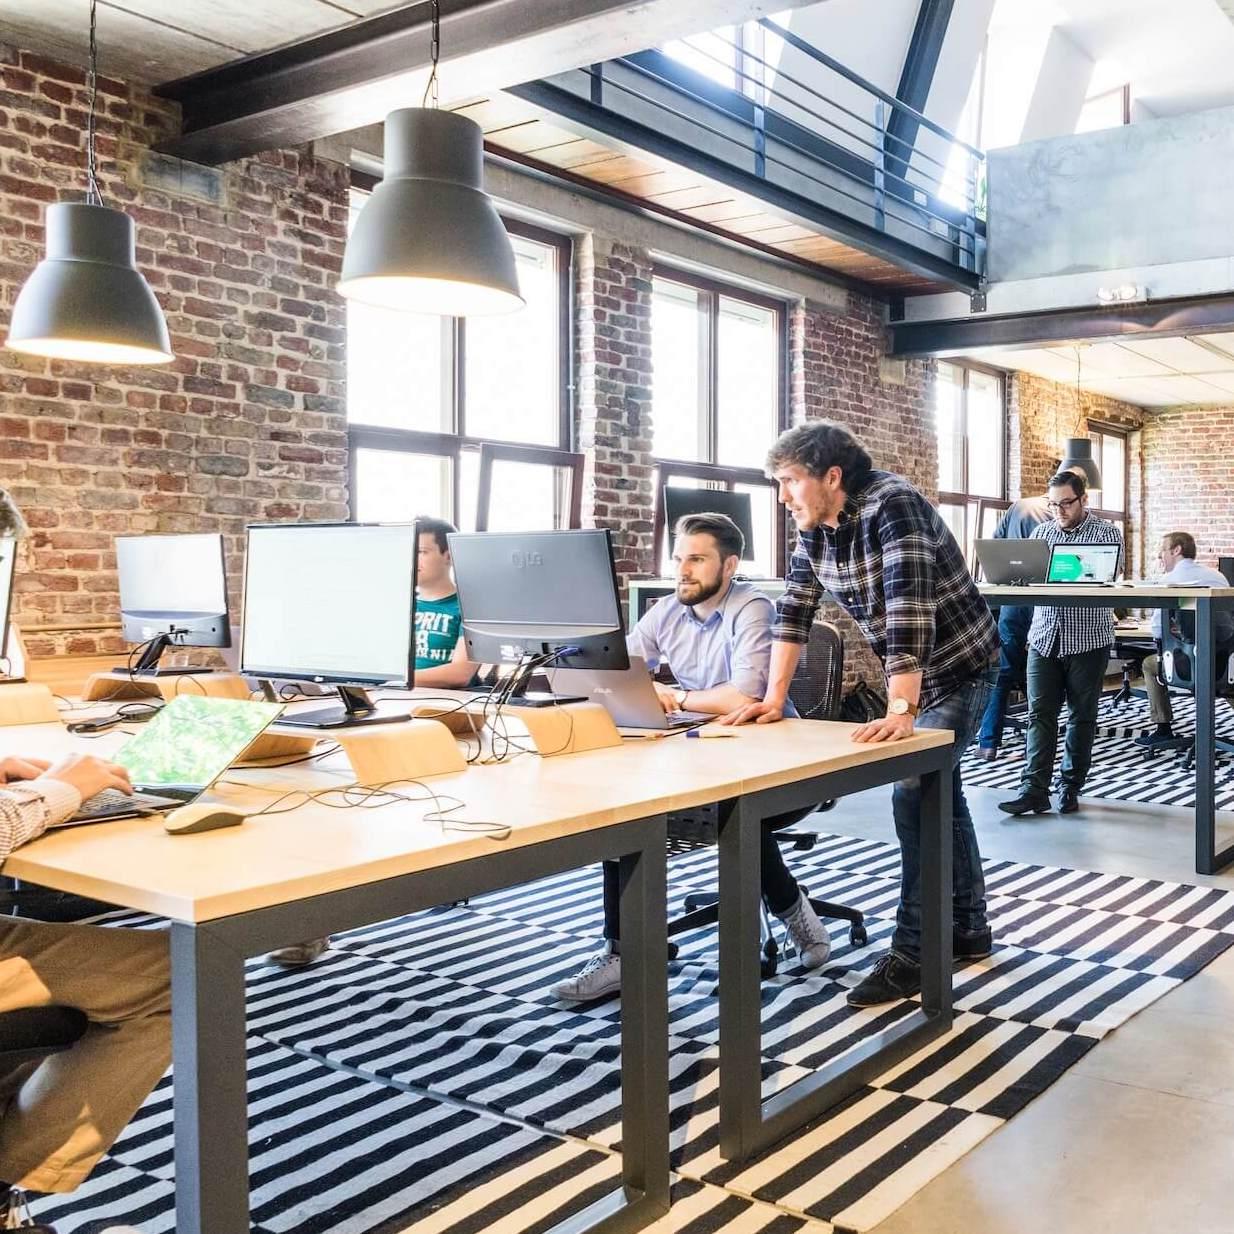 Millenial team working in open office